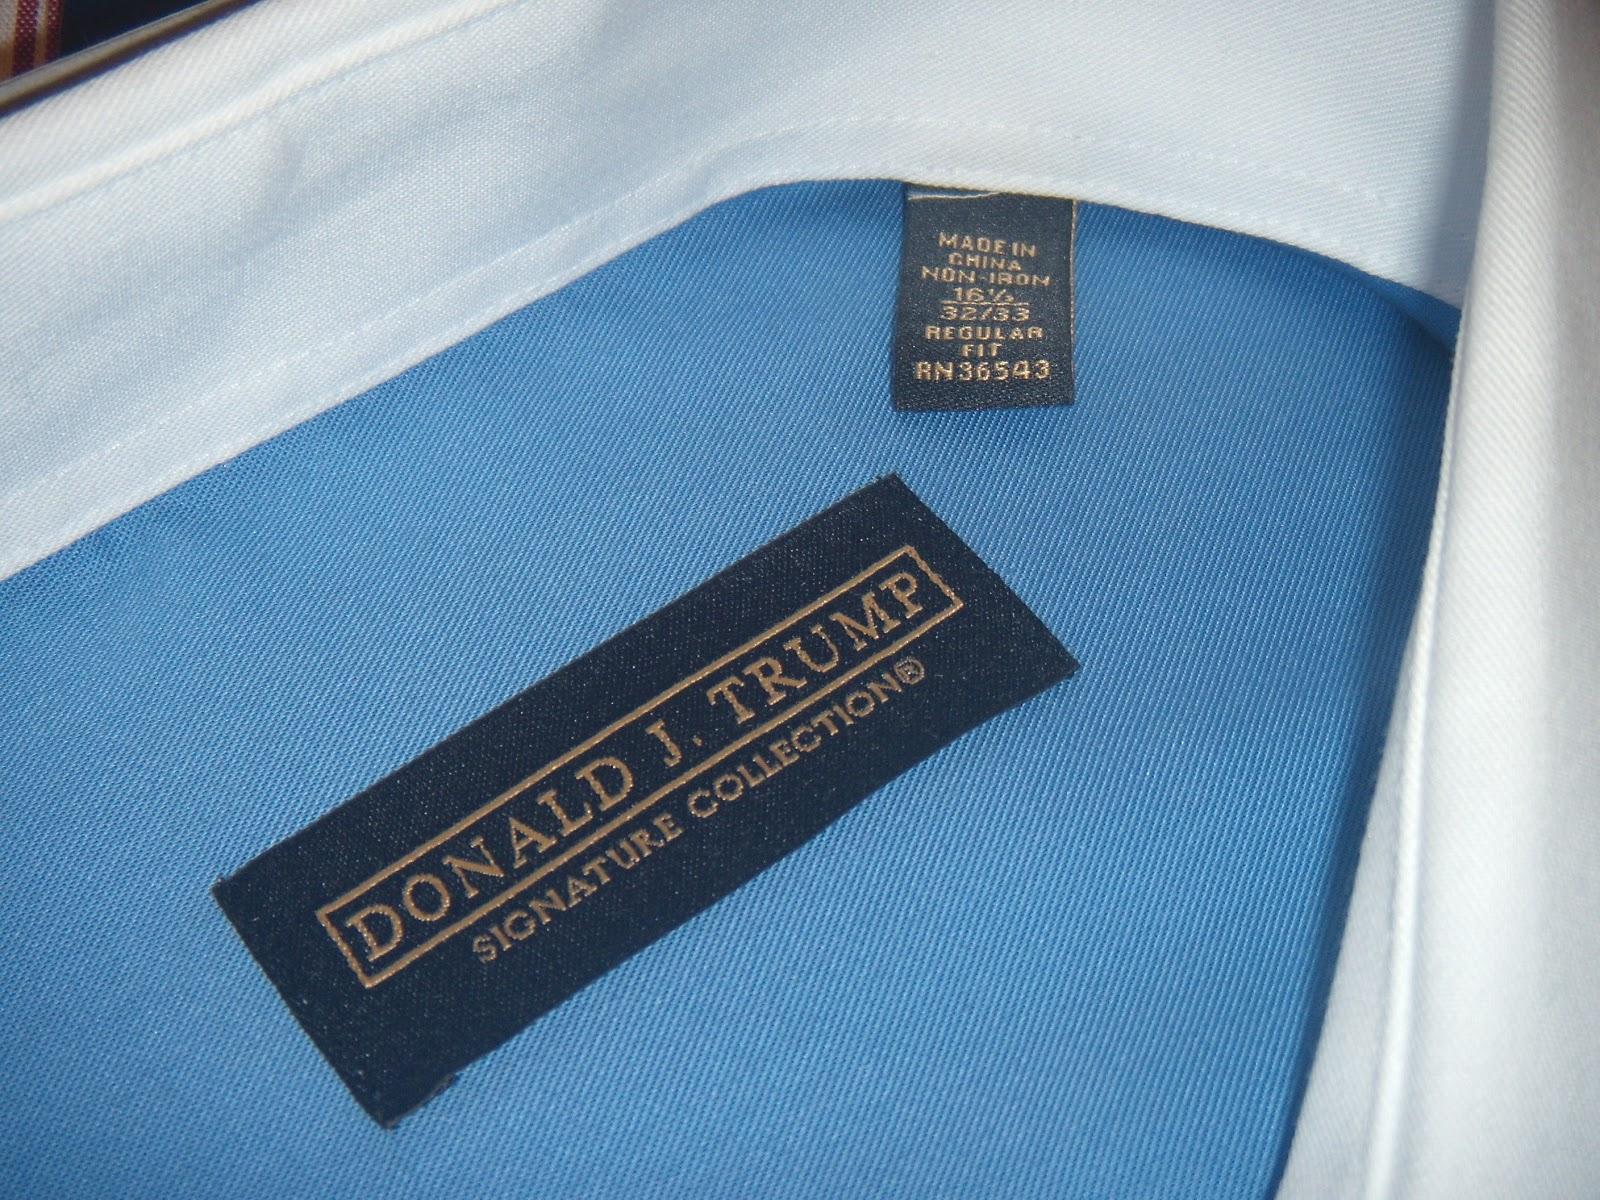 Donald Trump Shirts Signature Collection